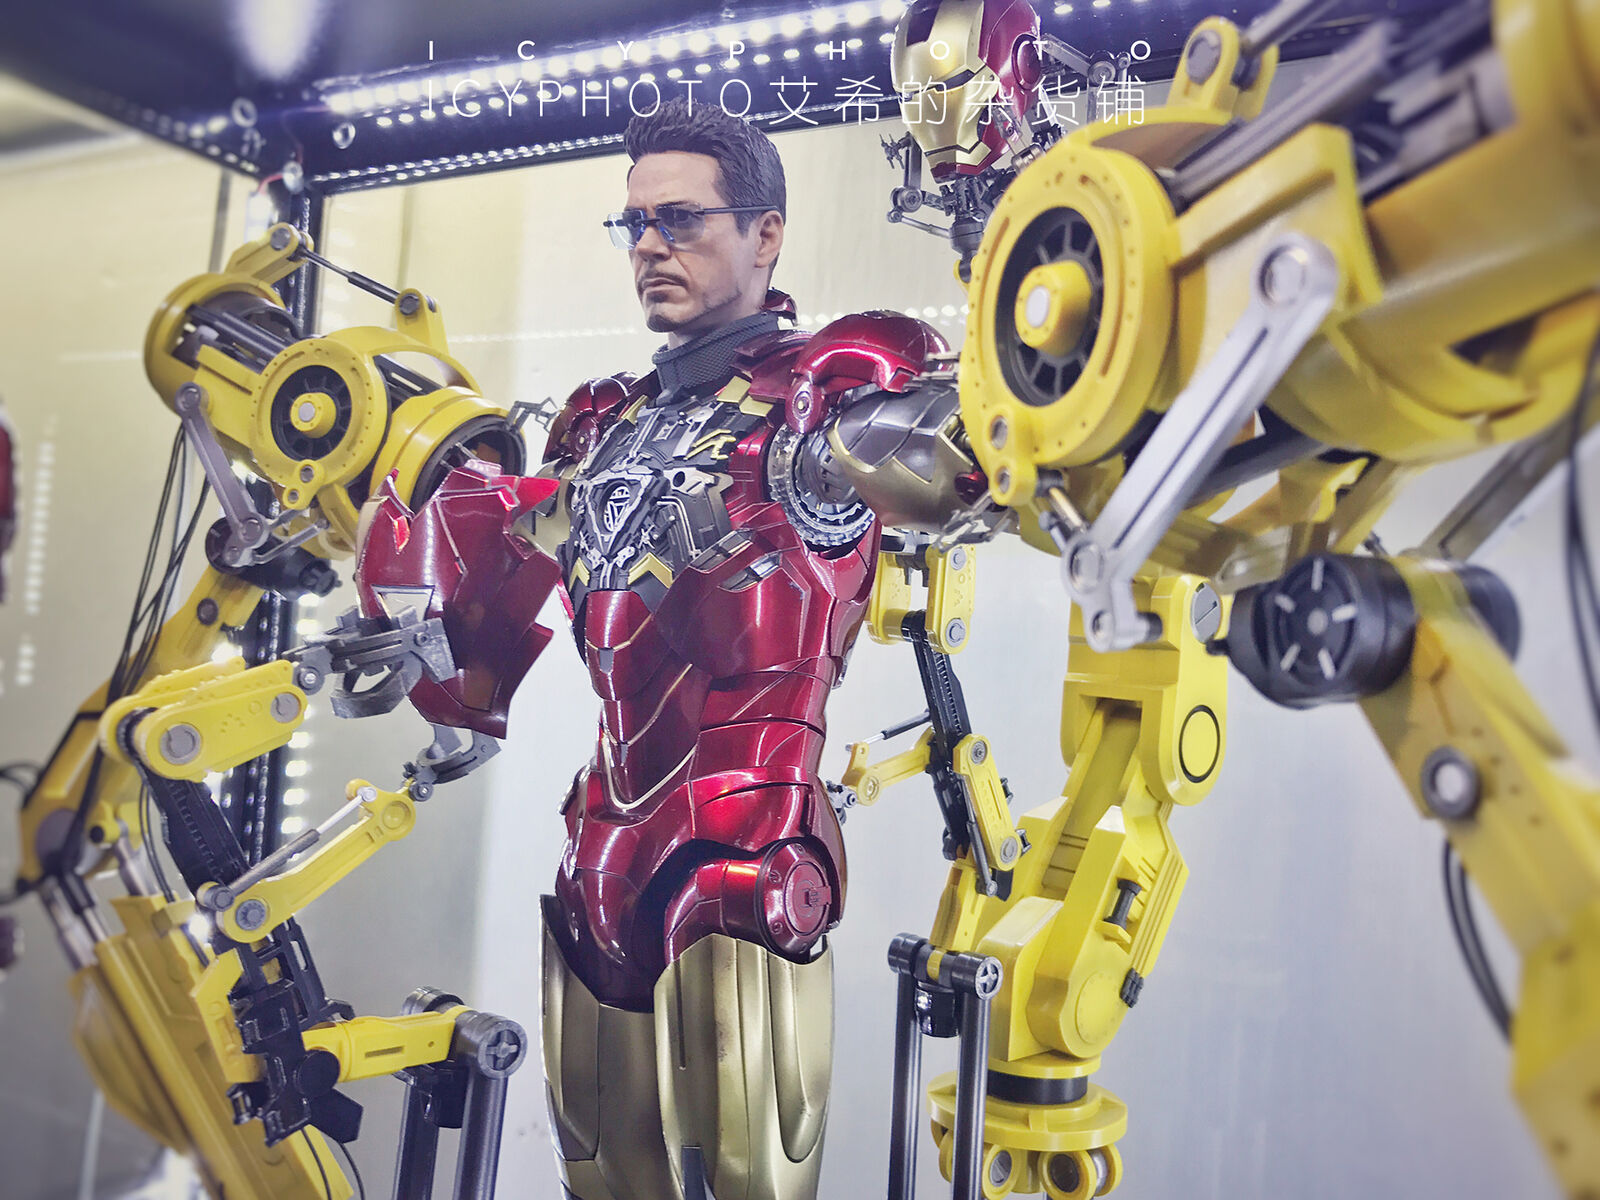 Entrega gratuita y rápida disponible. Shinsei Shinsei Shinsei industria 1 6 armadura Base Para Hombre De Hierro Con Control Remoto LED En Stock  tienda en linea